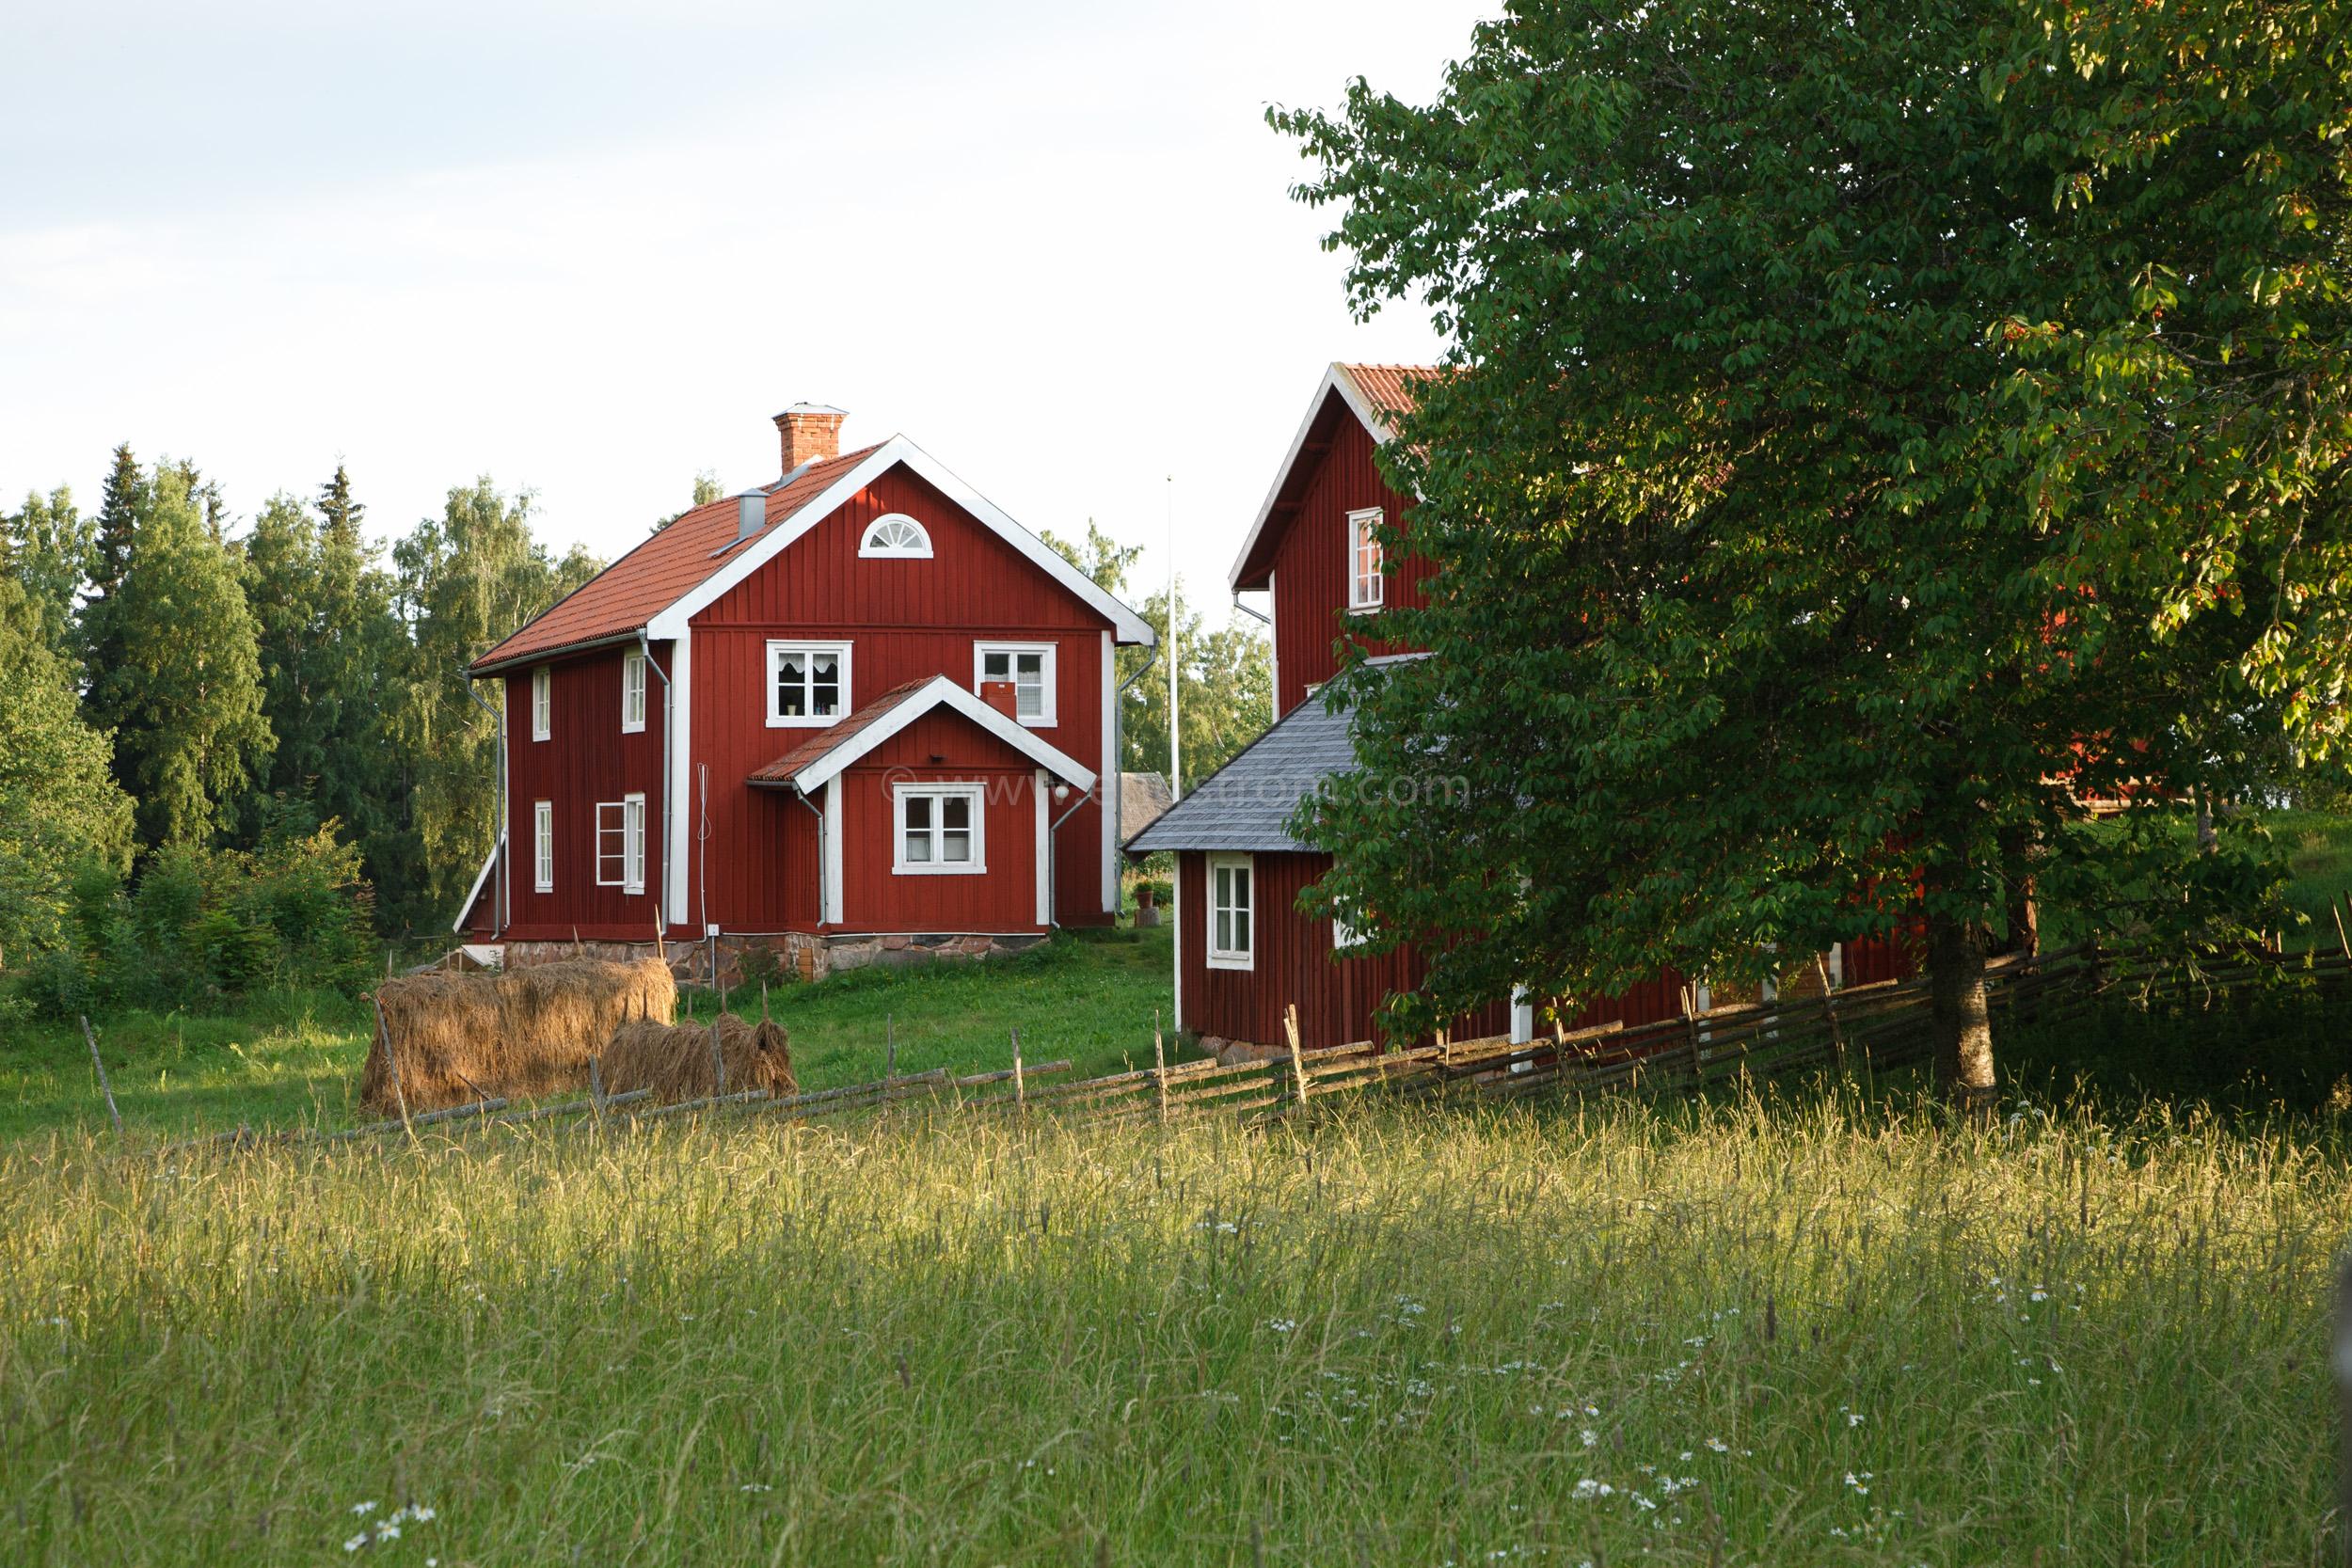 JE_20110707-193215, Falurött hus, Jonas Engström